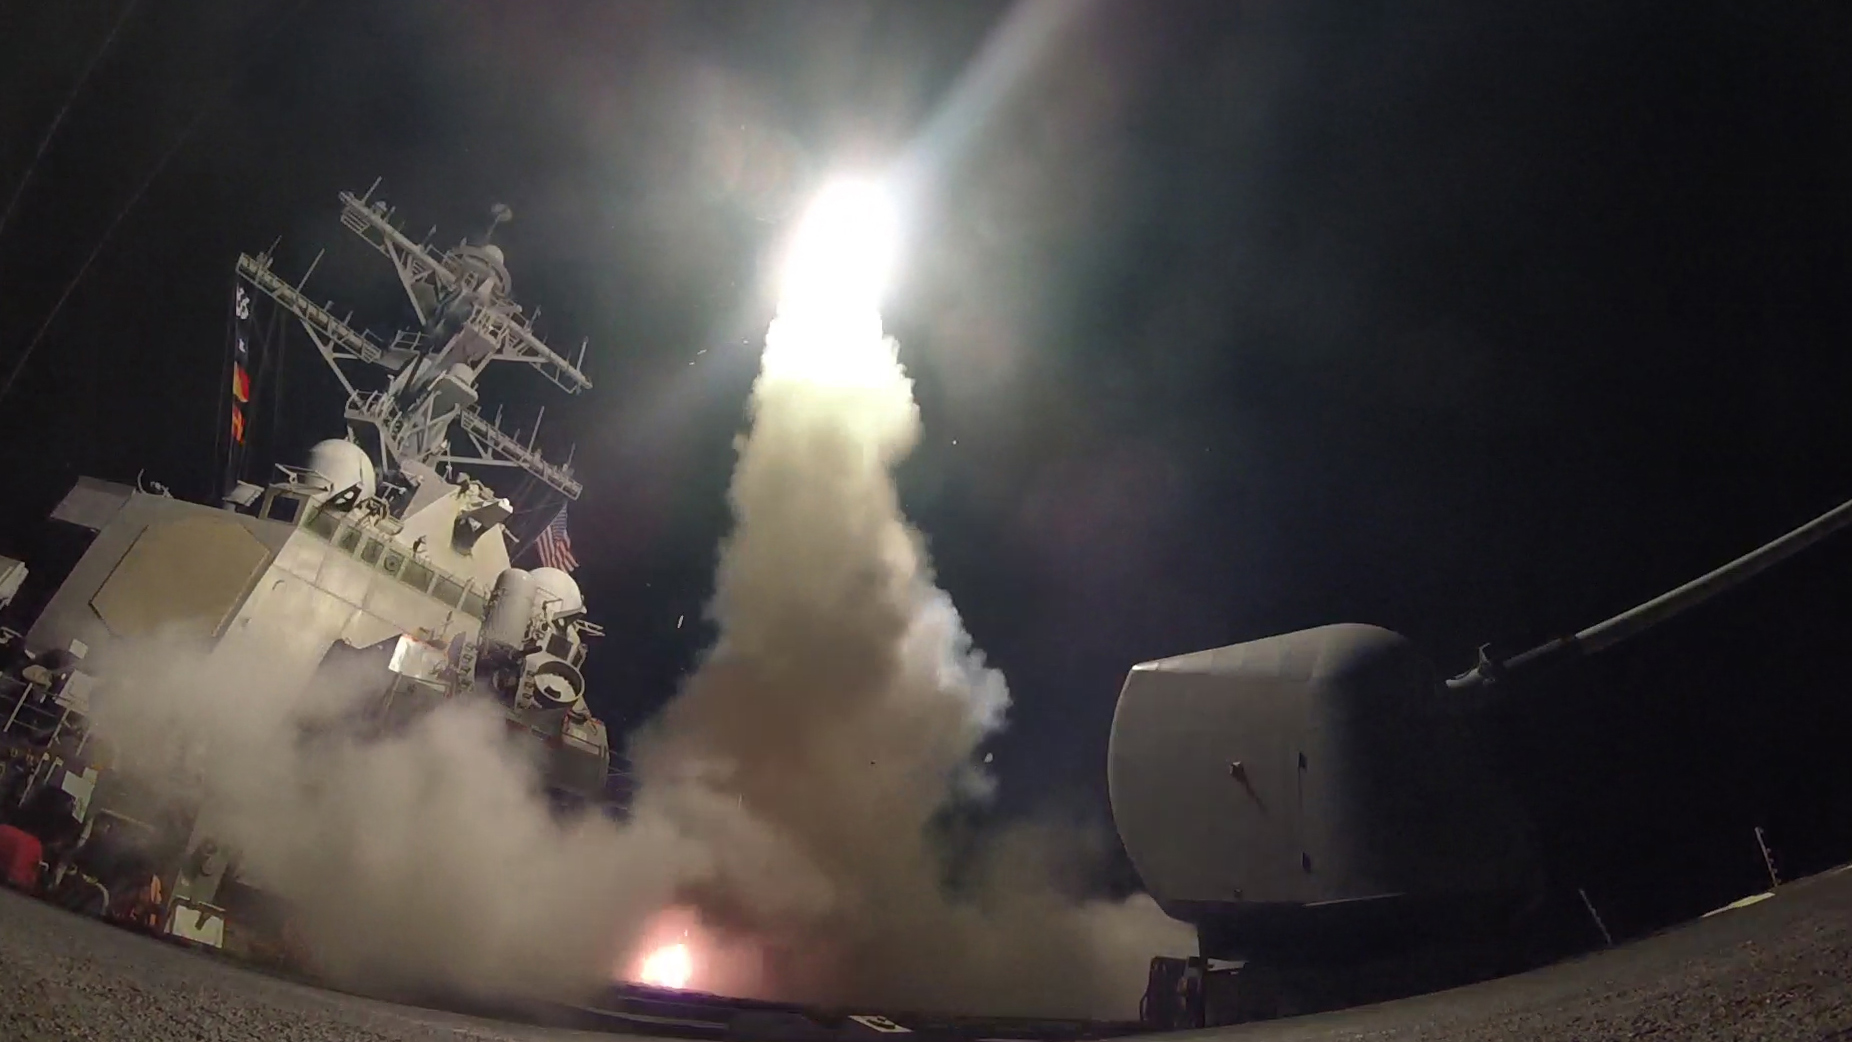 特朗普對敘利亞發動空襲,大多數選民表示支持,稱這次攻擊並不是特朗普放棄了將美國利益放在首位的承諾,而是凸顯了美國實力。(AFP PHOTO/US NAVY)